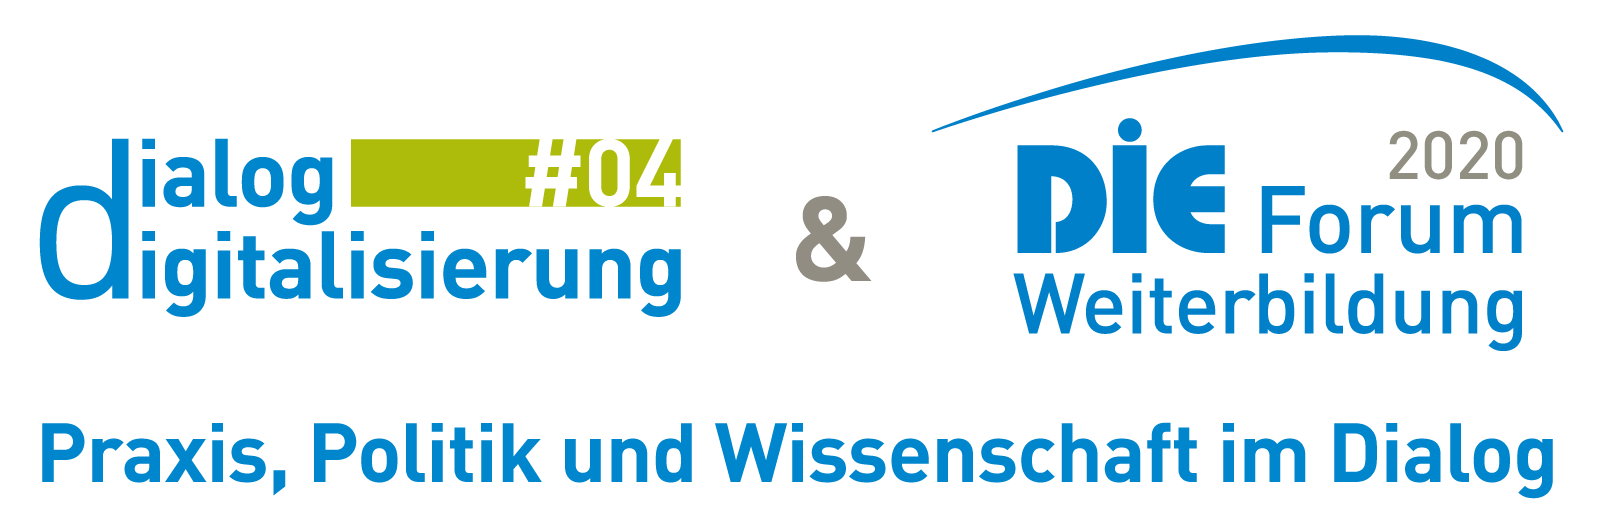 Das Bild zeigt die Logos des Projekts und des DIE-Forums Weiterbildung 2020